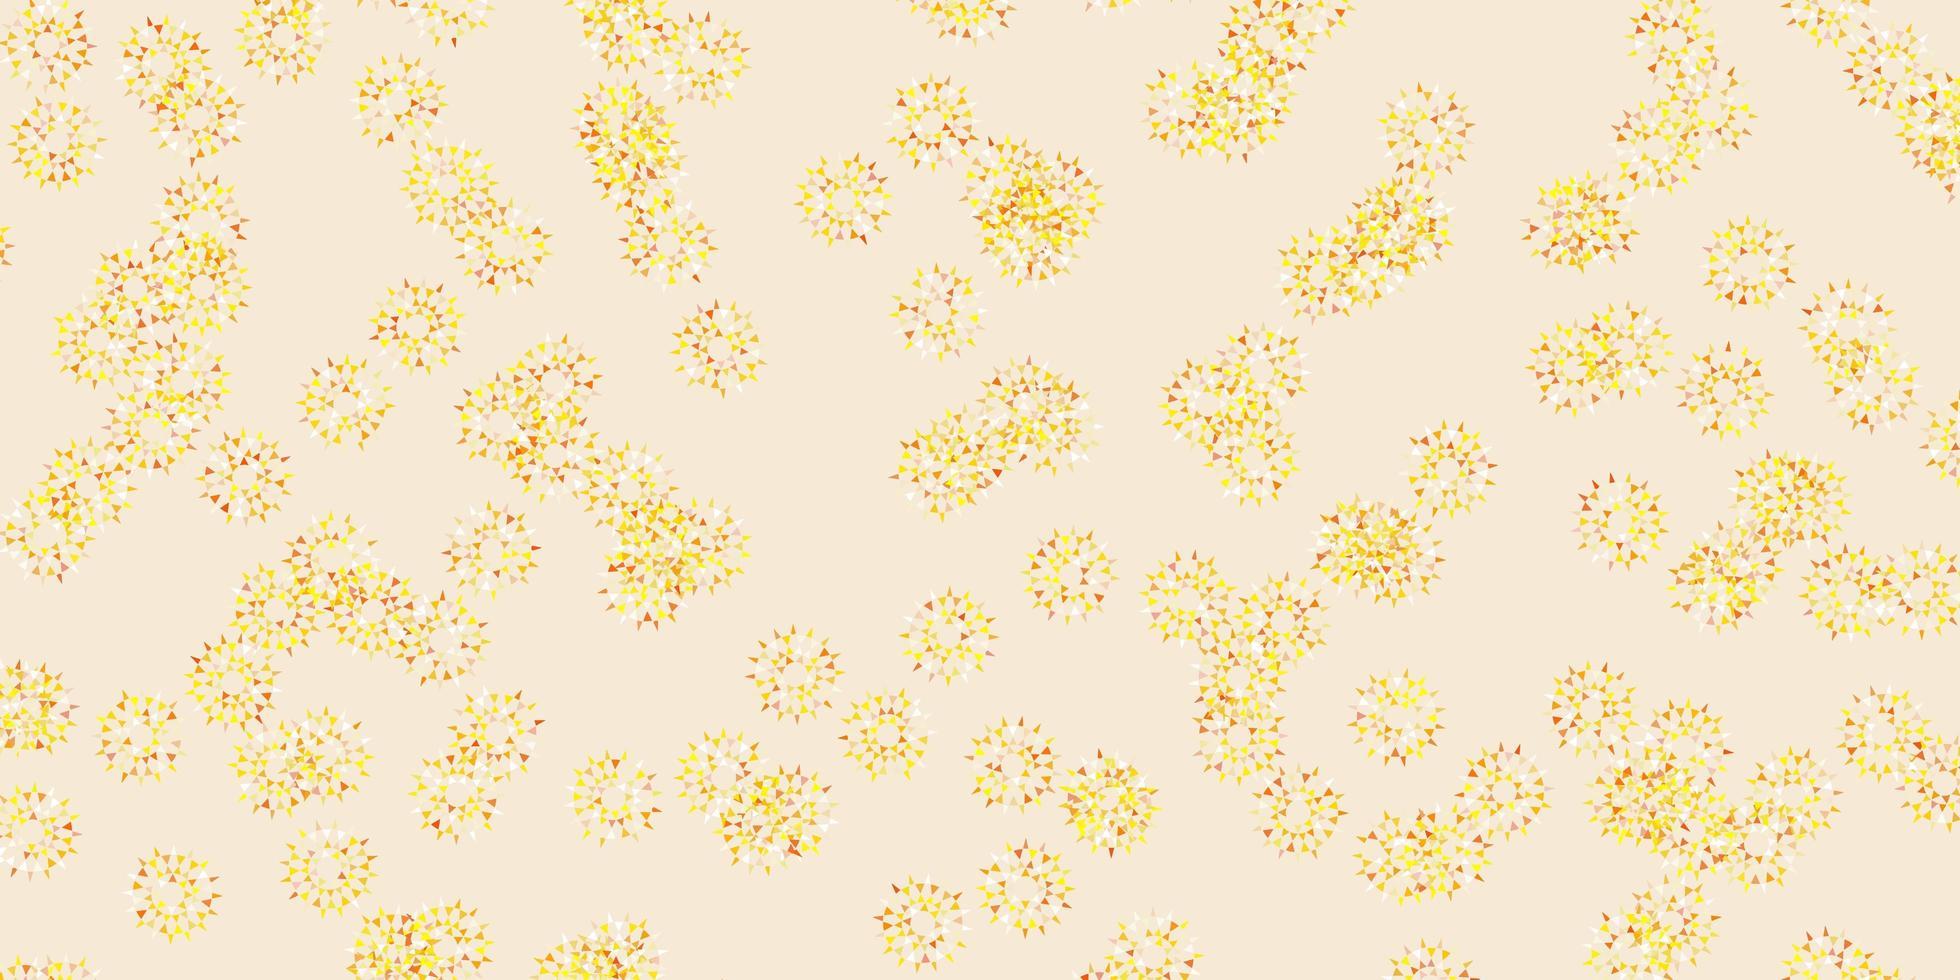 ljus gul vektor naturlig layout med blommor.